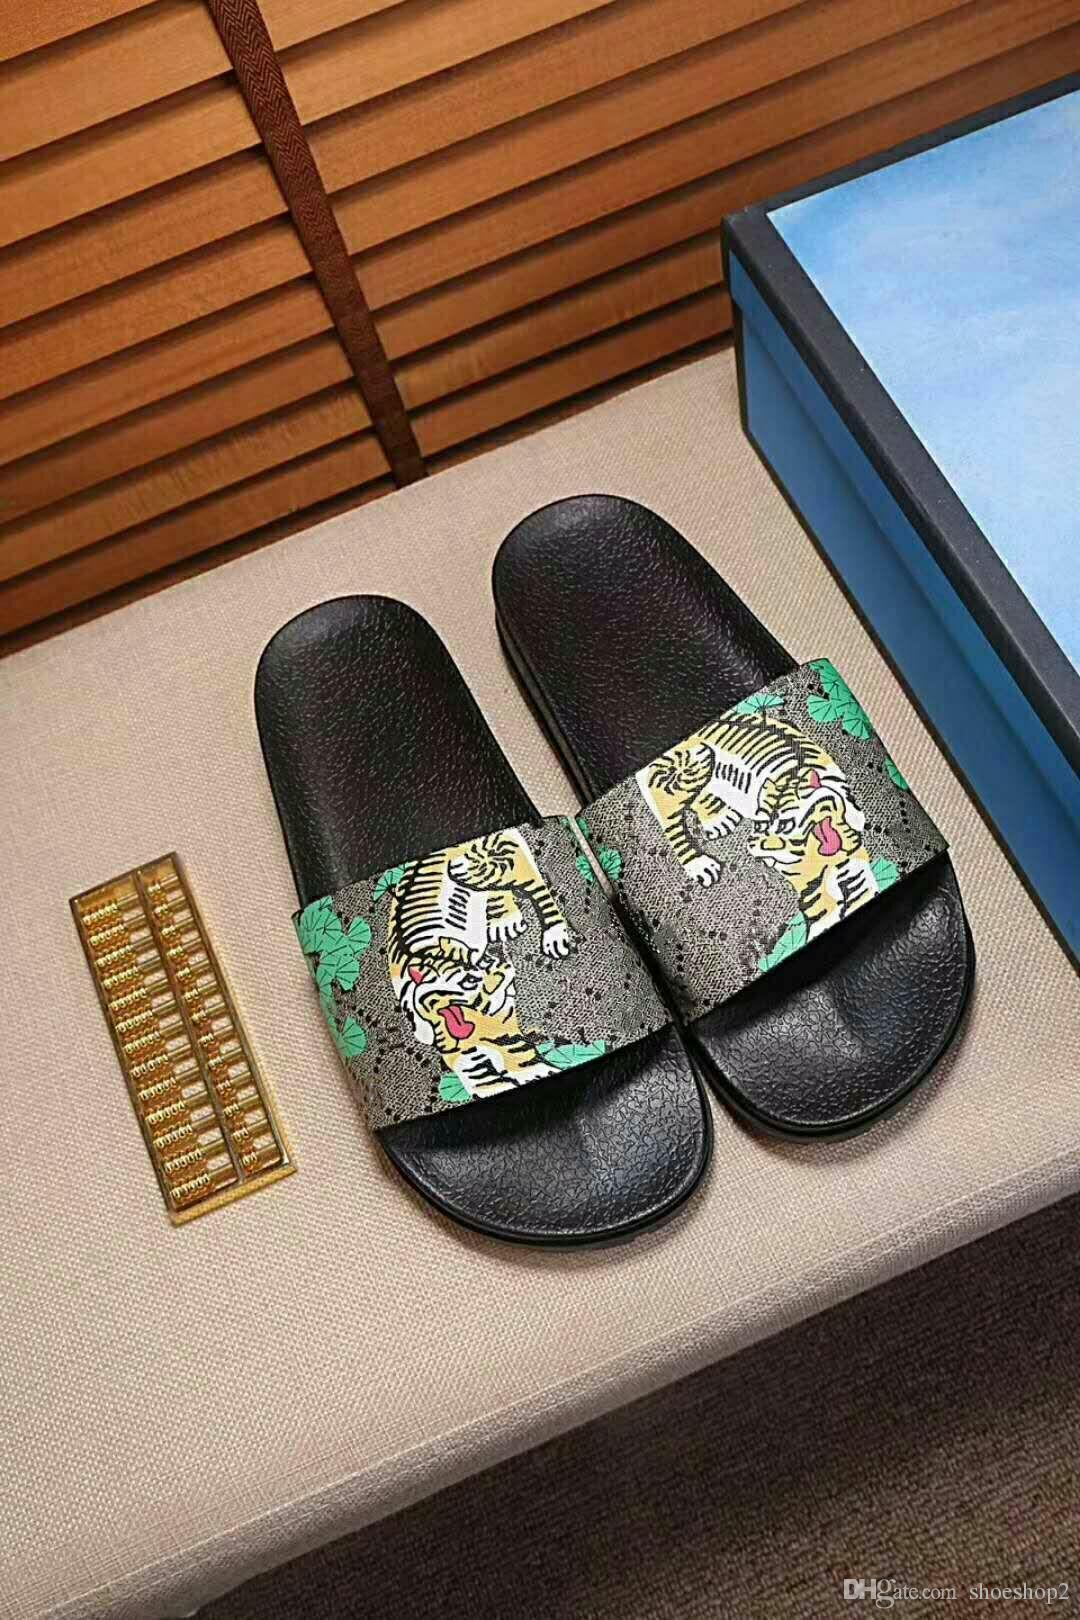 c0fd7050f5221e Fashion Leather Slide Sandals Slippers Men Women 2018 Hot Tiger Designer  Flower Printed Unisex Beach Flip Flops Slipper BEST QUALITY 38 46.